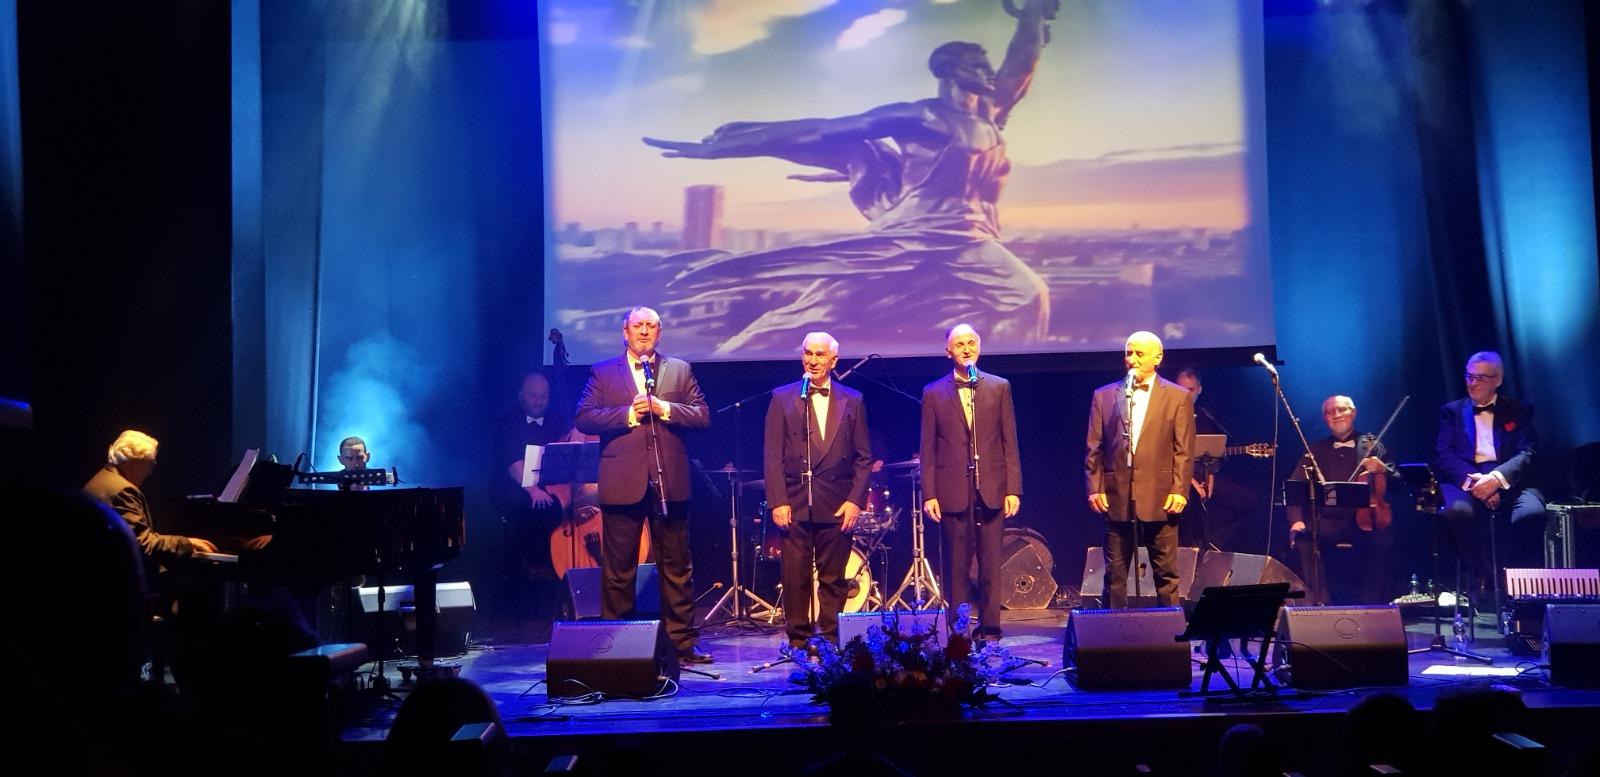 סורין - מופע מוסיקאלי סוחף. צילום טלי ספיר ושי שיר